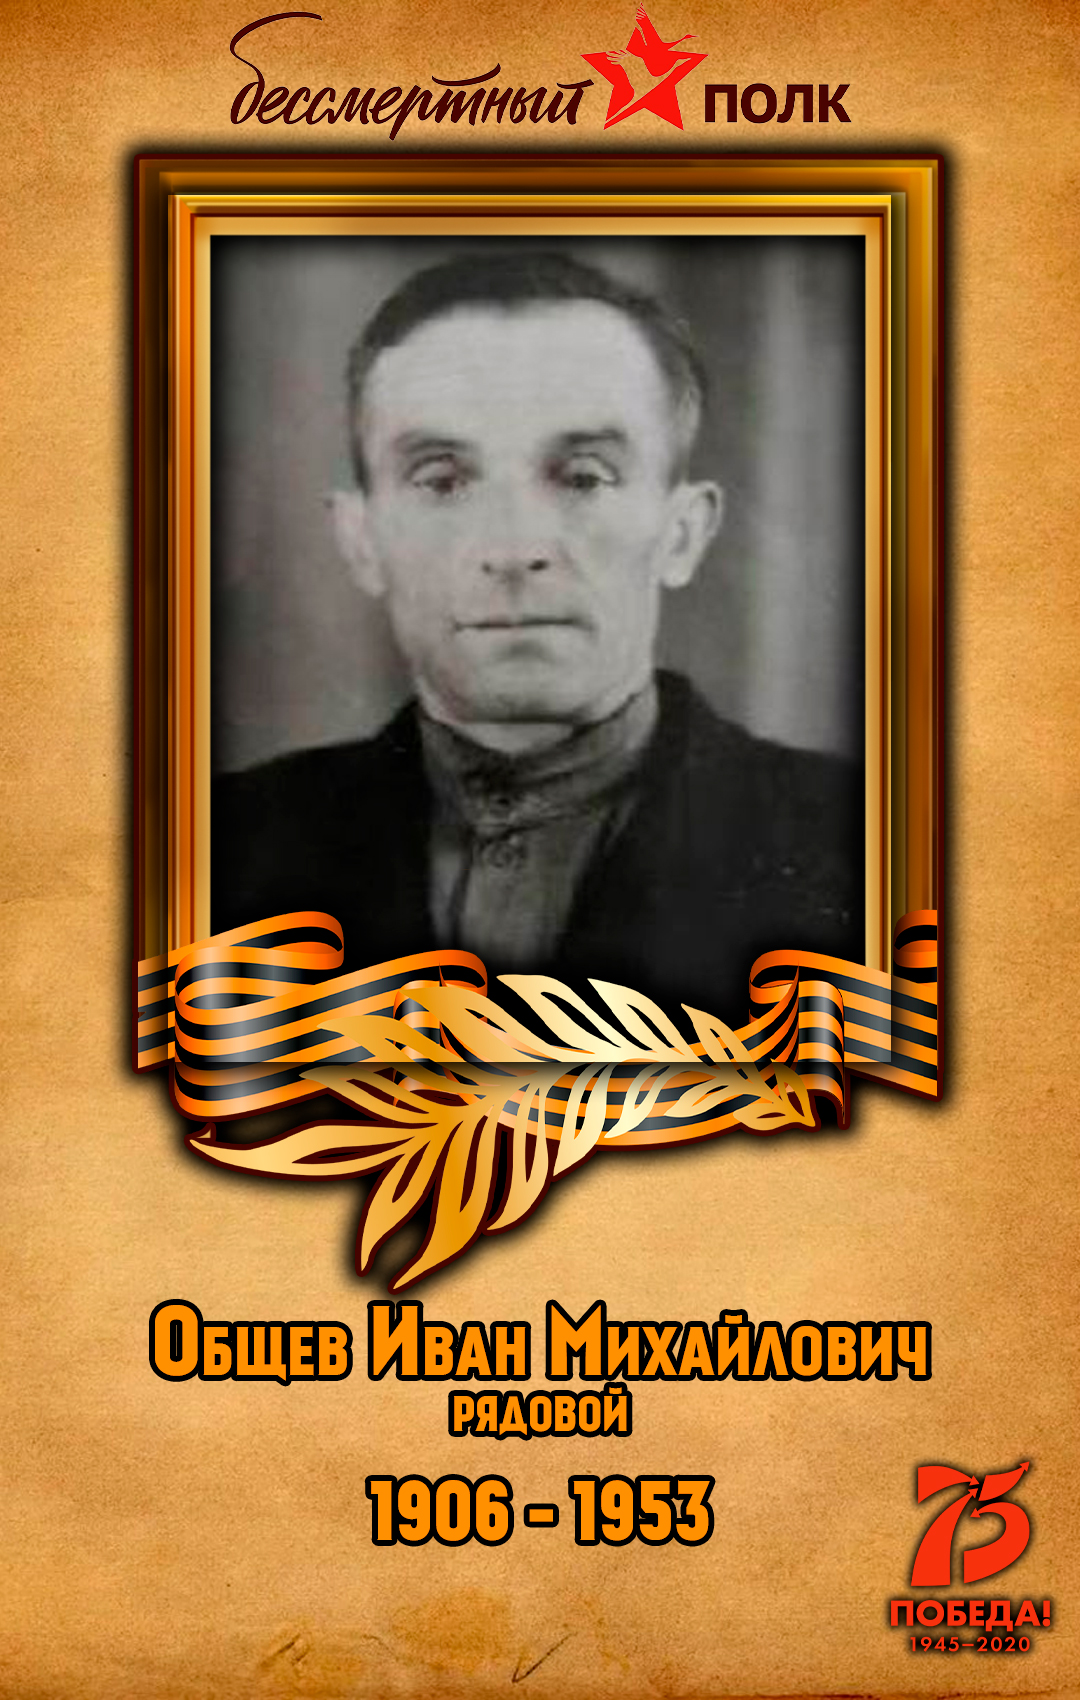 Общев-Иван-Михайлович